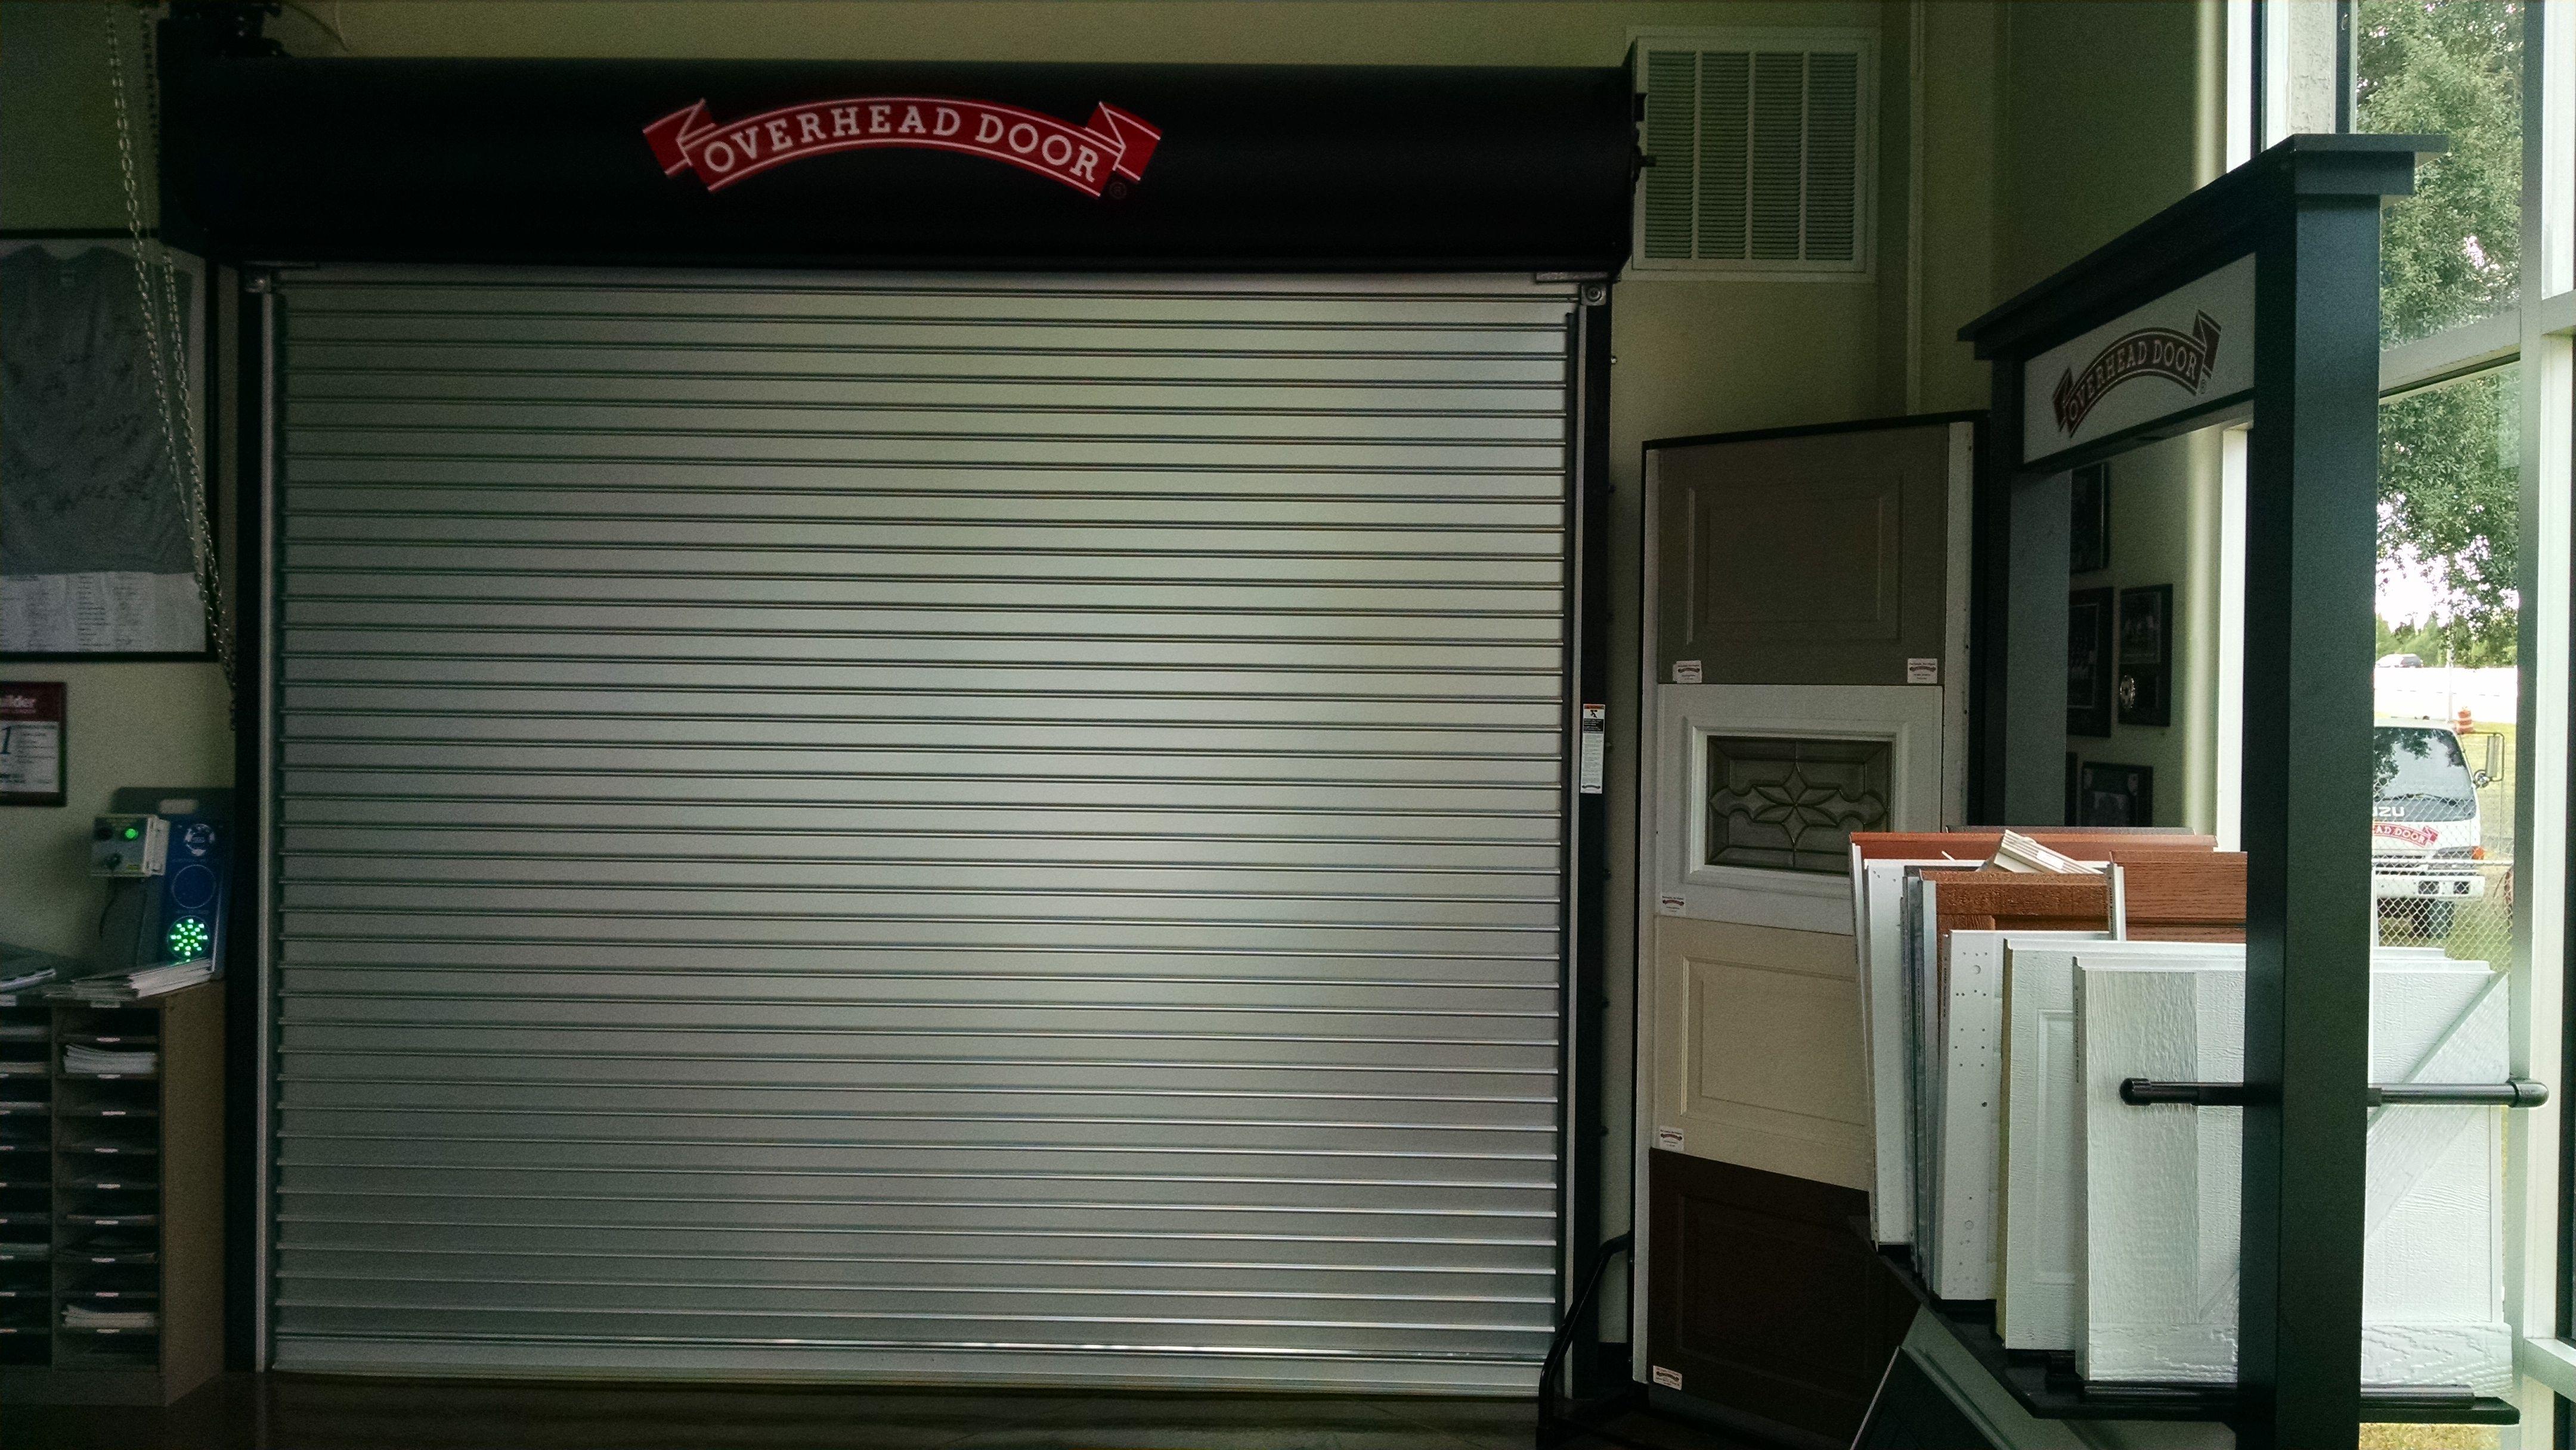 Overhead Door Company Of Tampa Bay Garage Doors In Fl